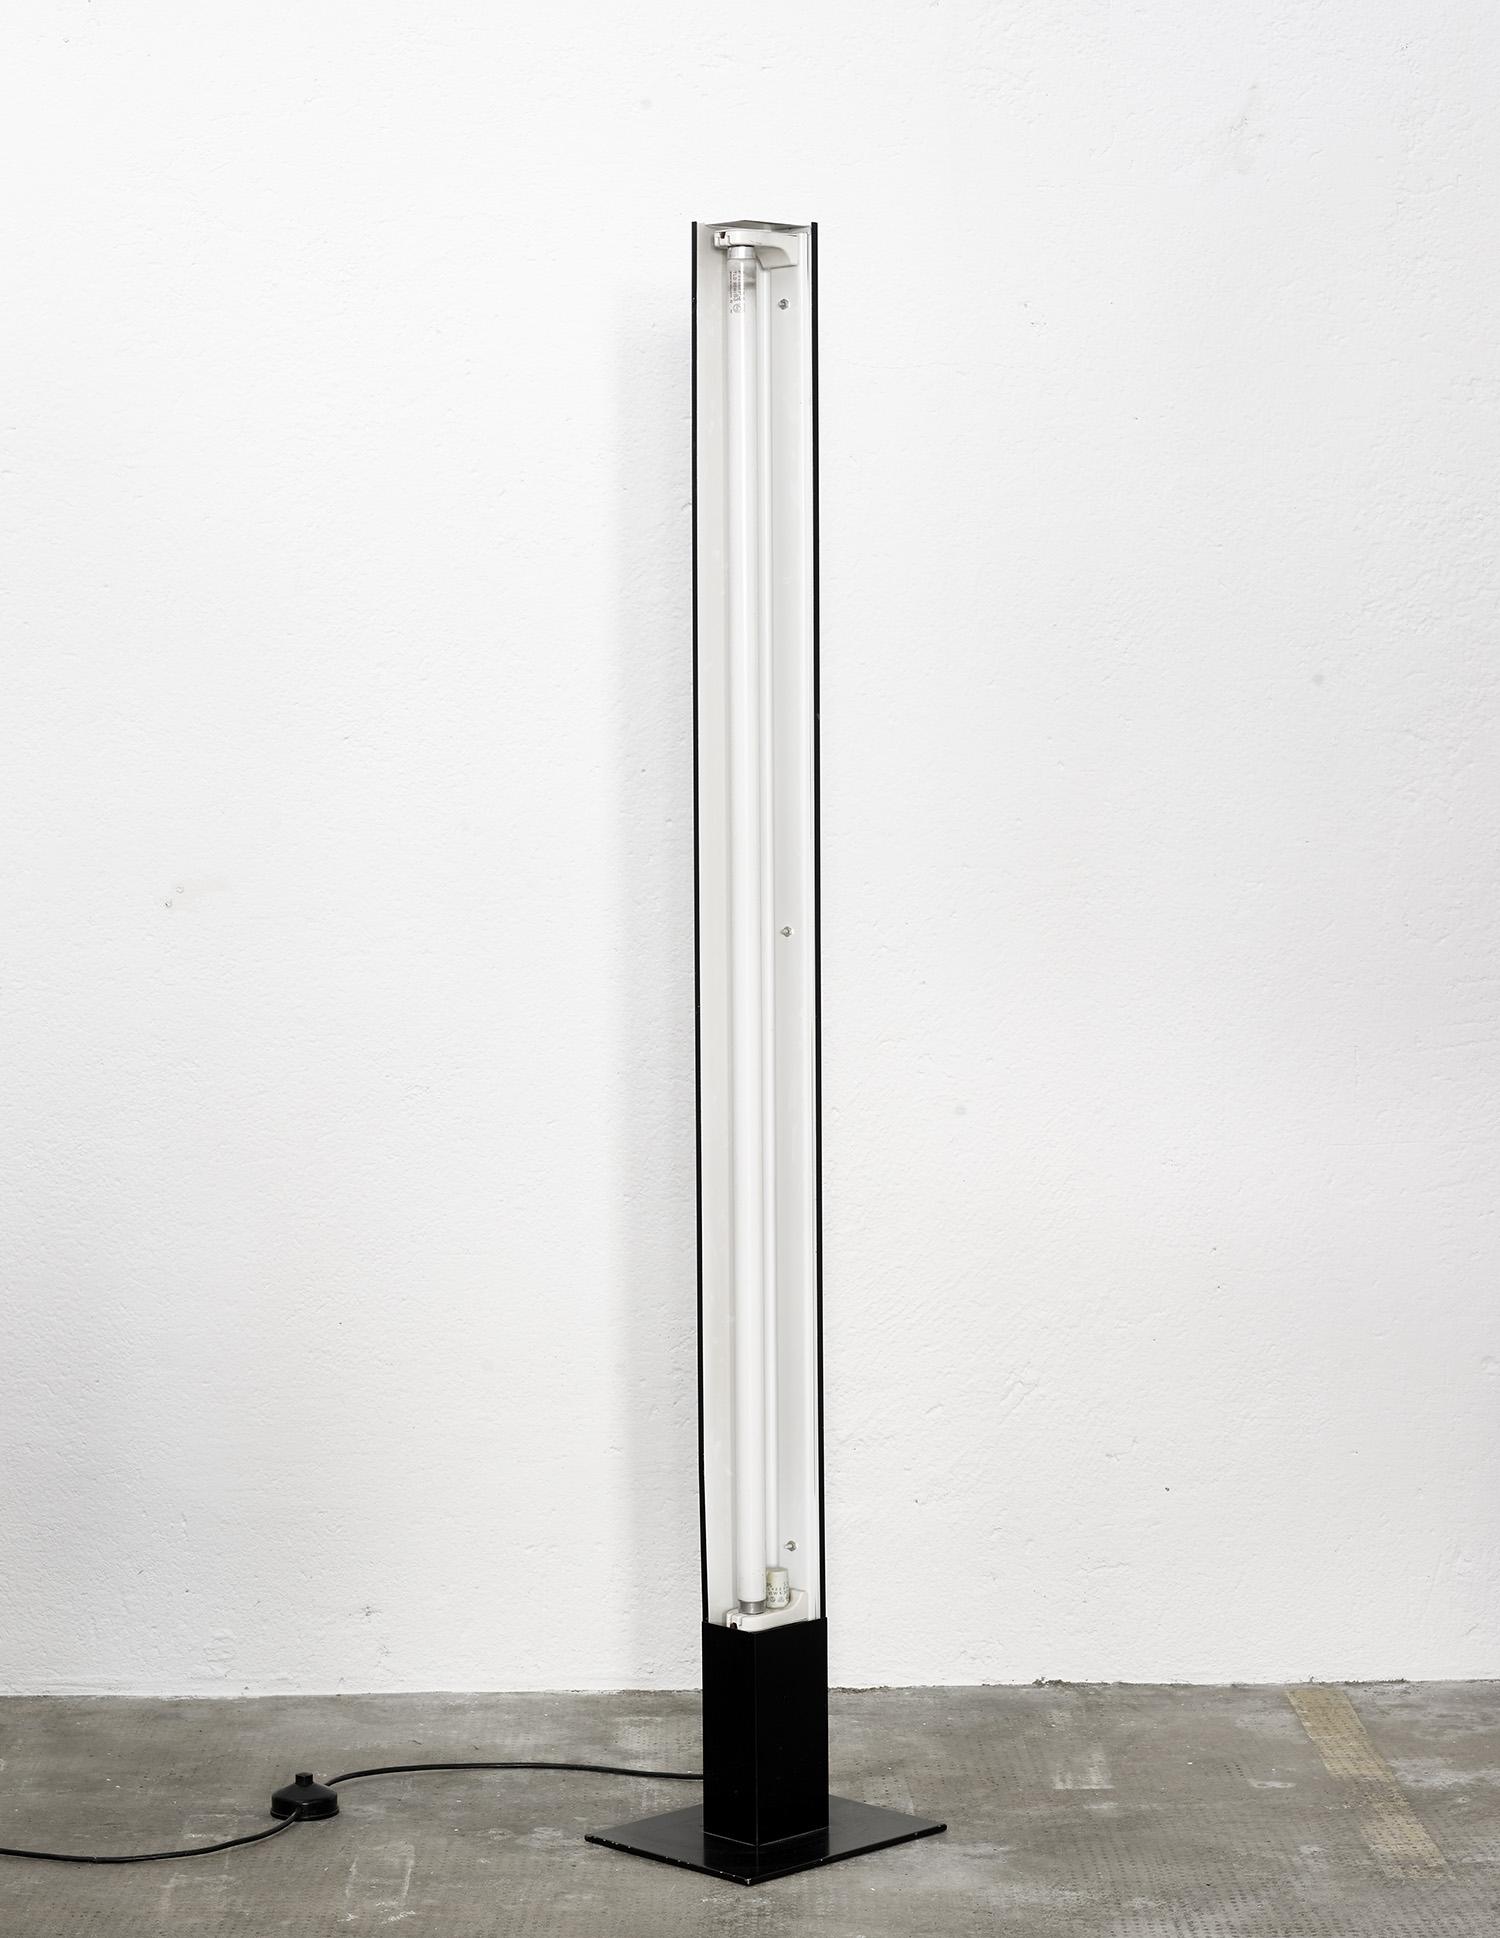 lampe-de-sol-bag-turgi-1960-image-01